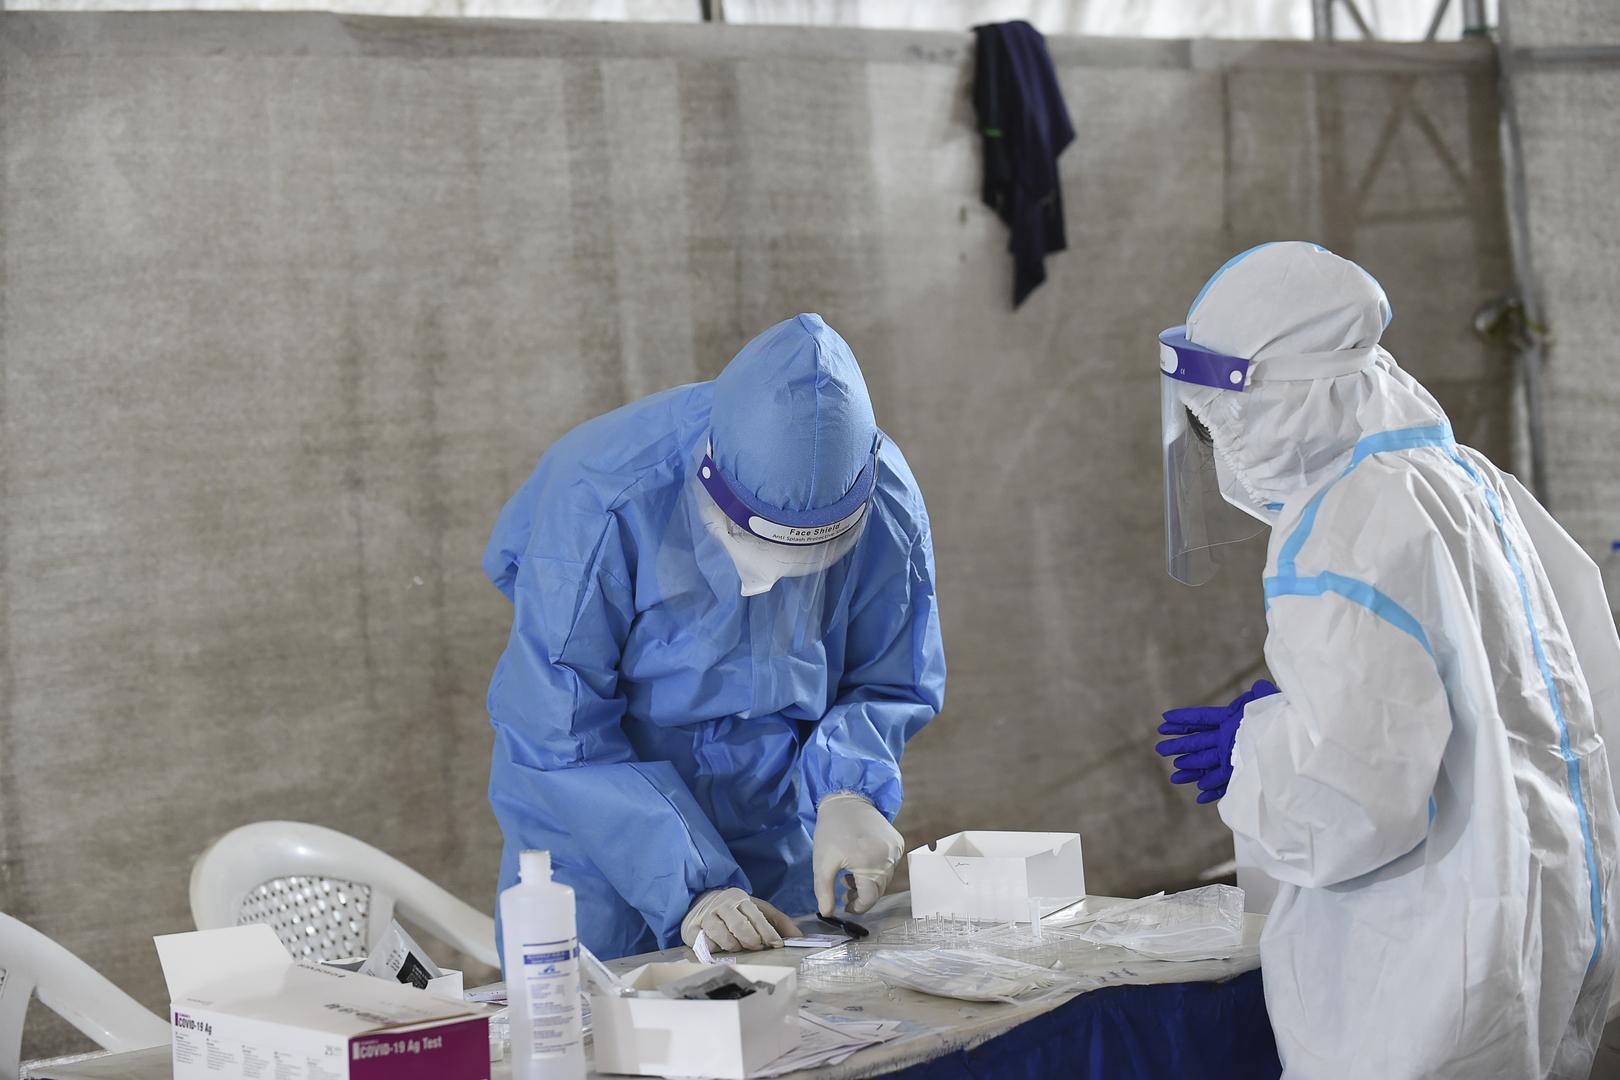 Des scientifiques travaillant sur des tests de dépistage contre le coronavirus.